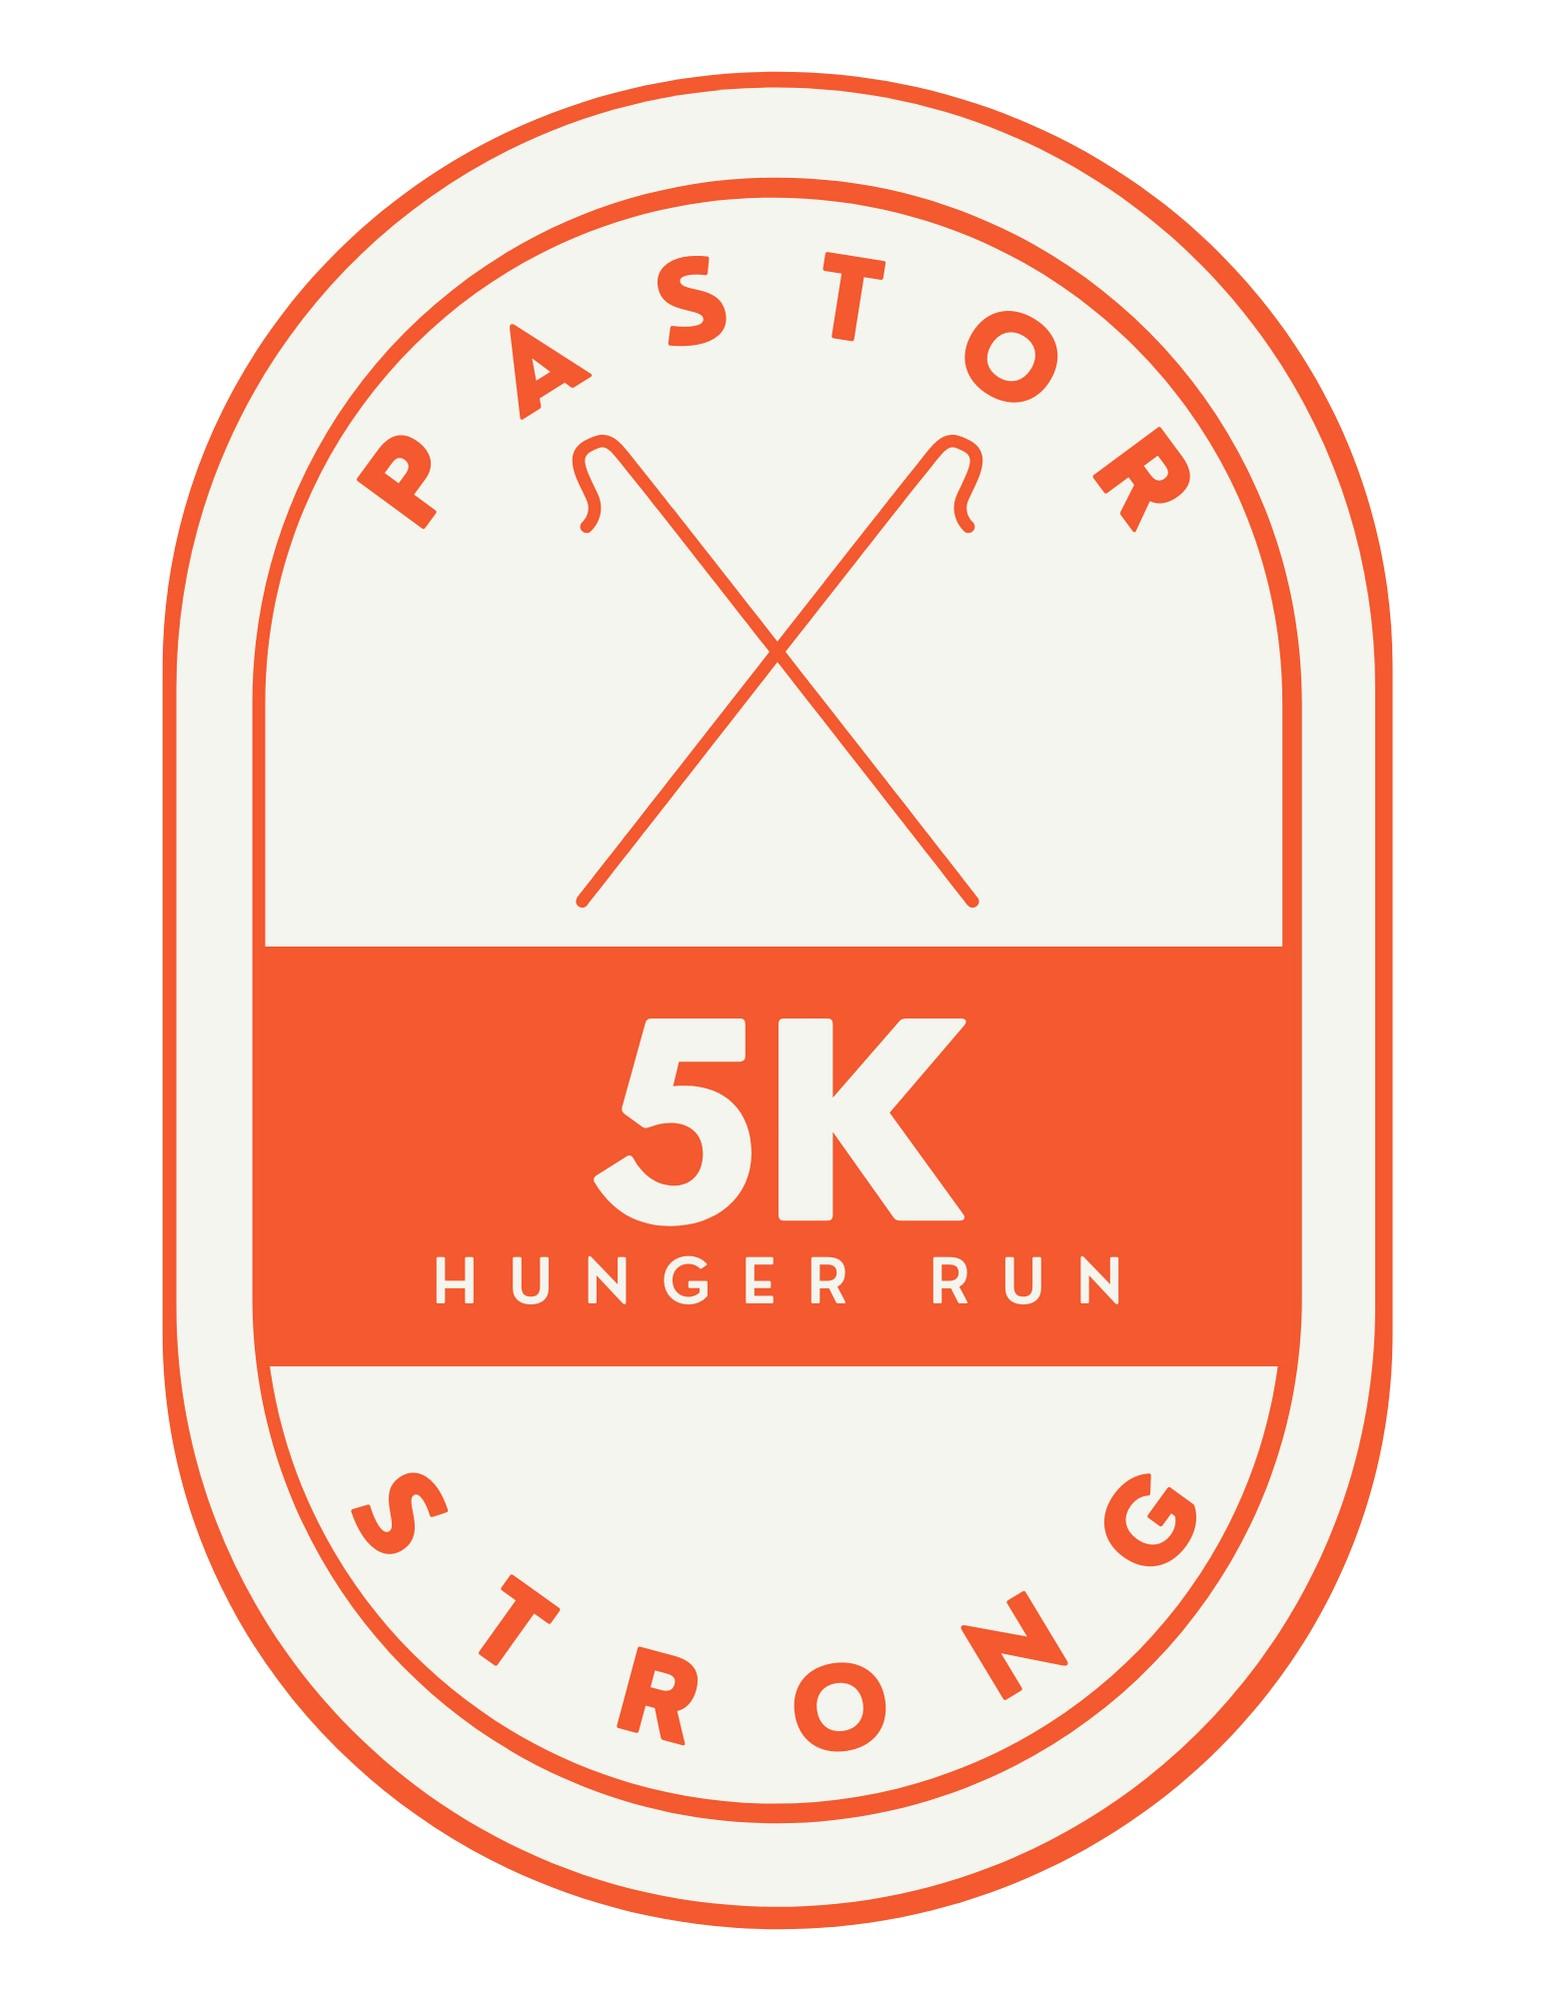 pastor-strong-5k-hunger-run-sponsor